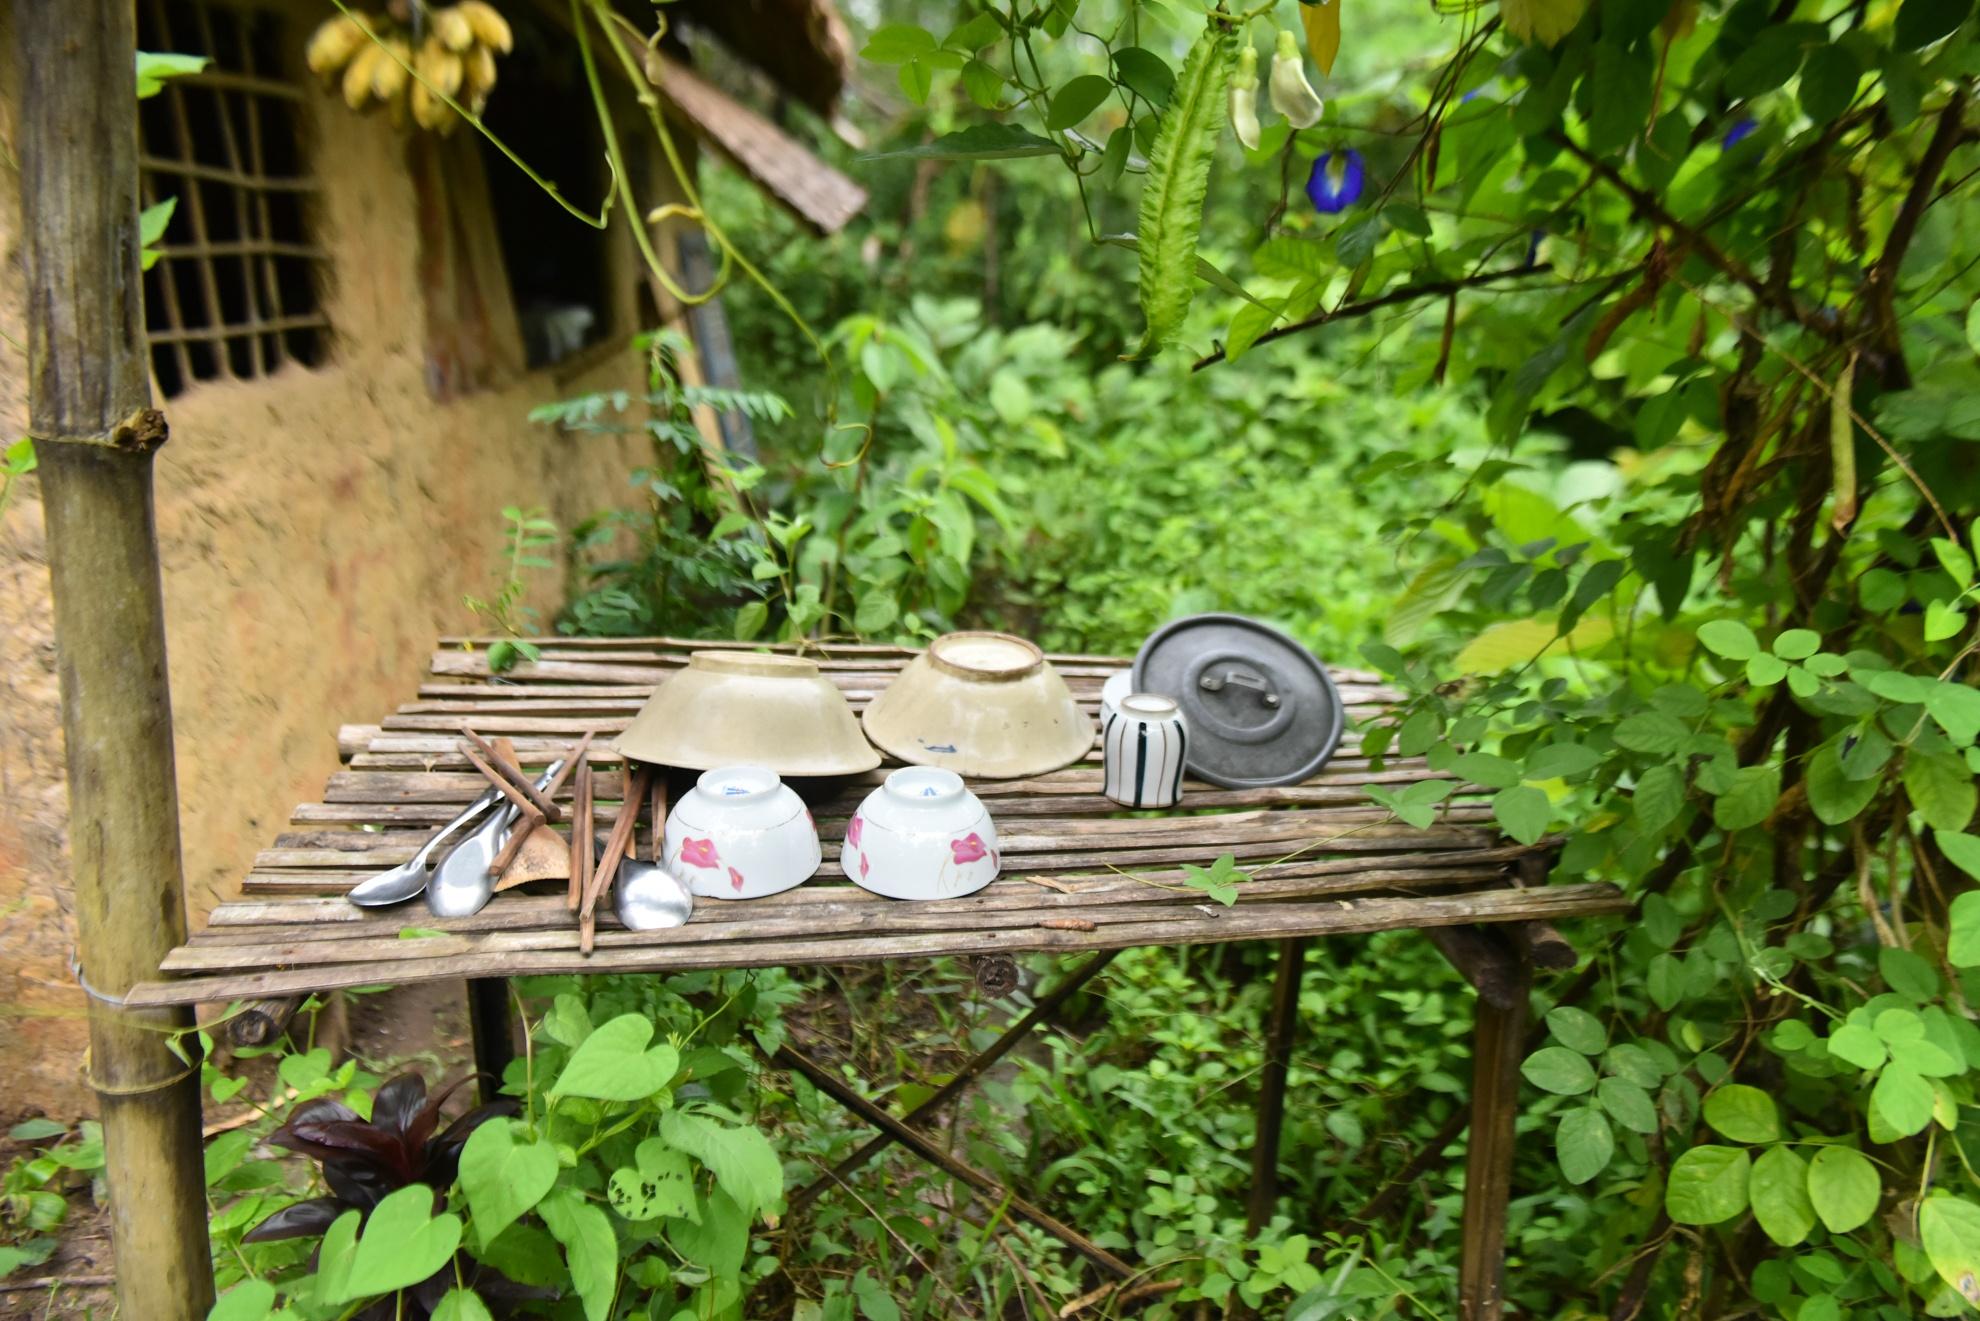 Chang nong dan 'khung' va giac mo ong hut tre hinh anh 11